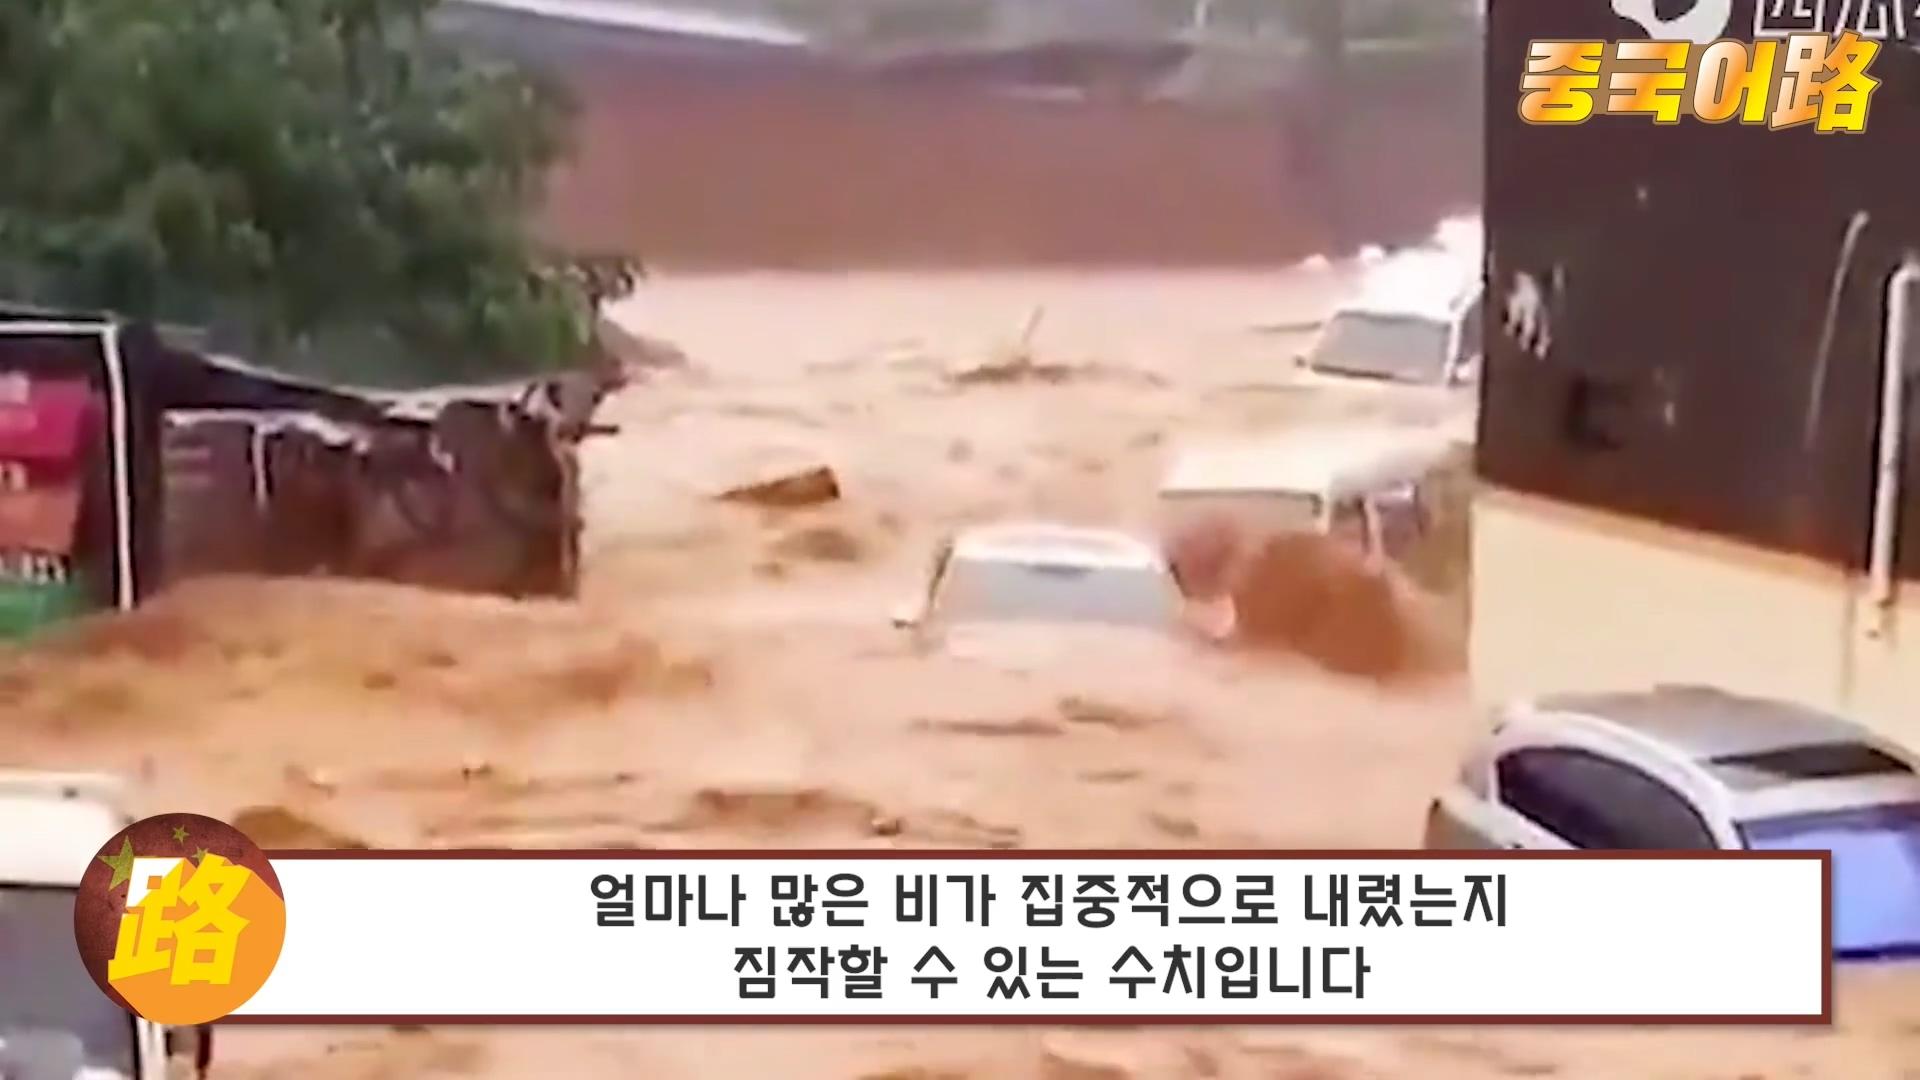 중국의 빈곤포르노 클라스 - 꾸르